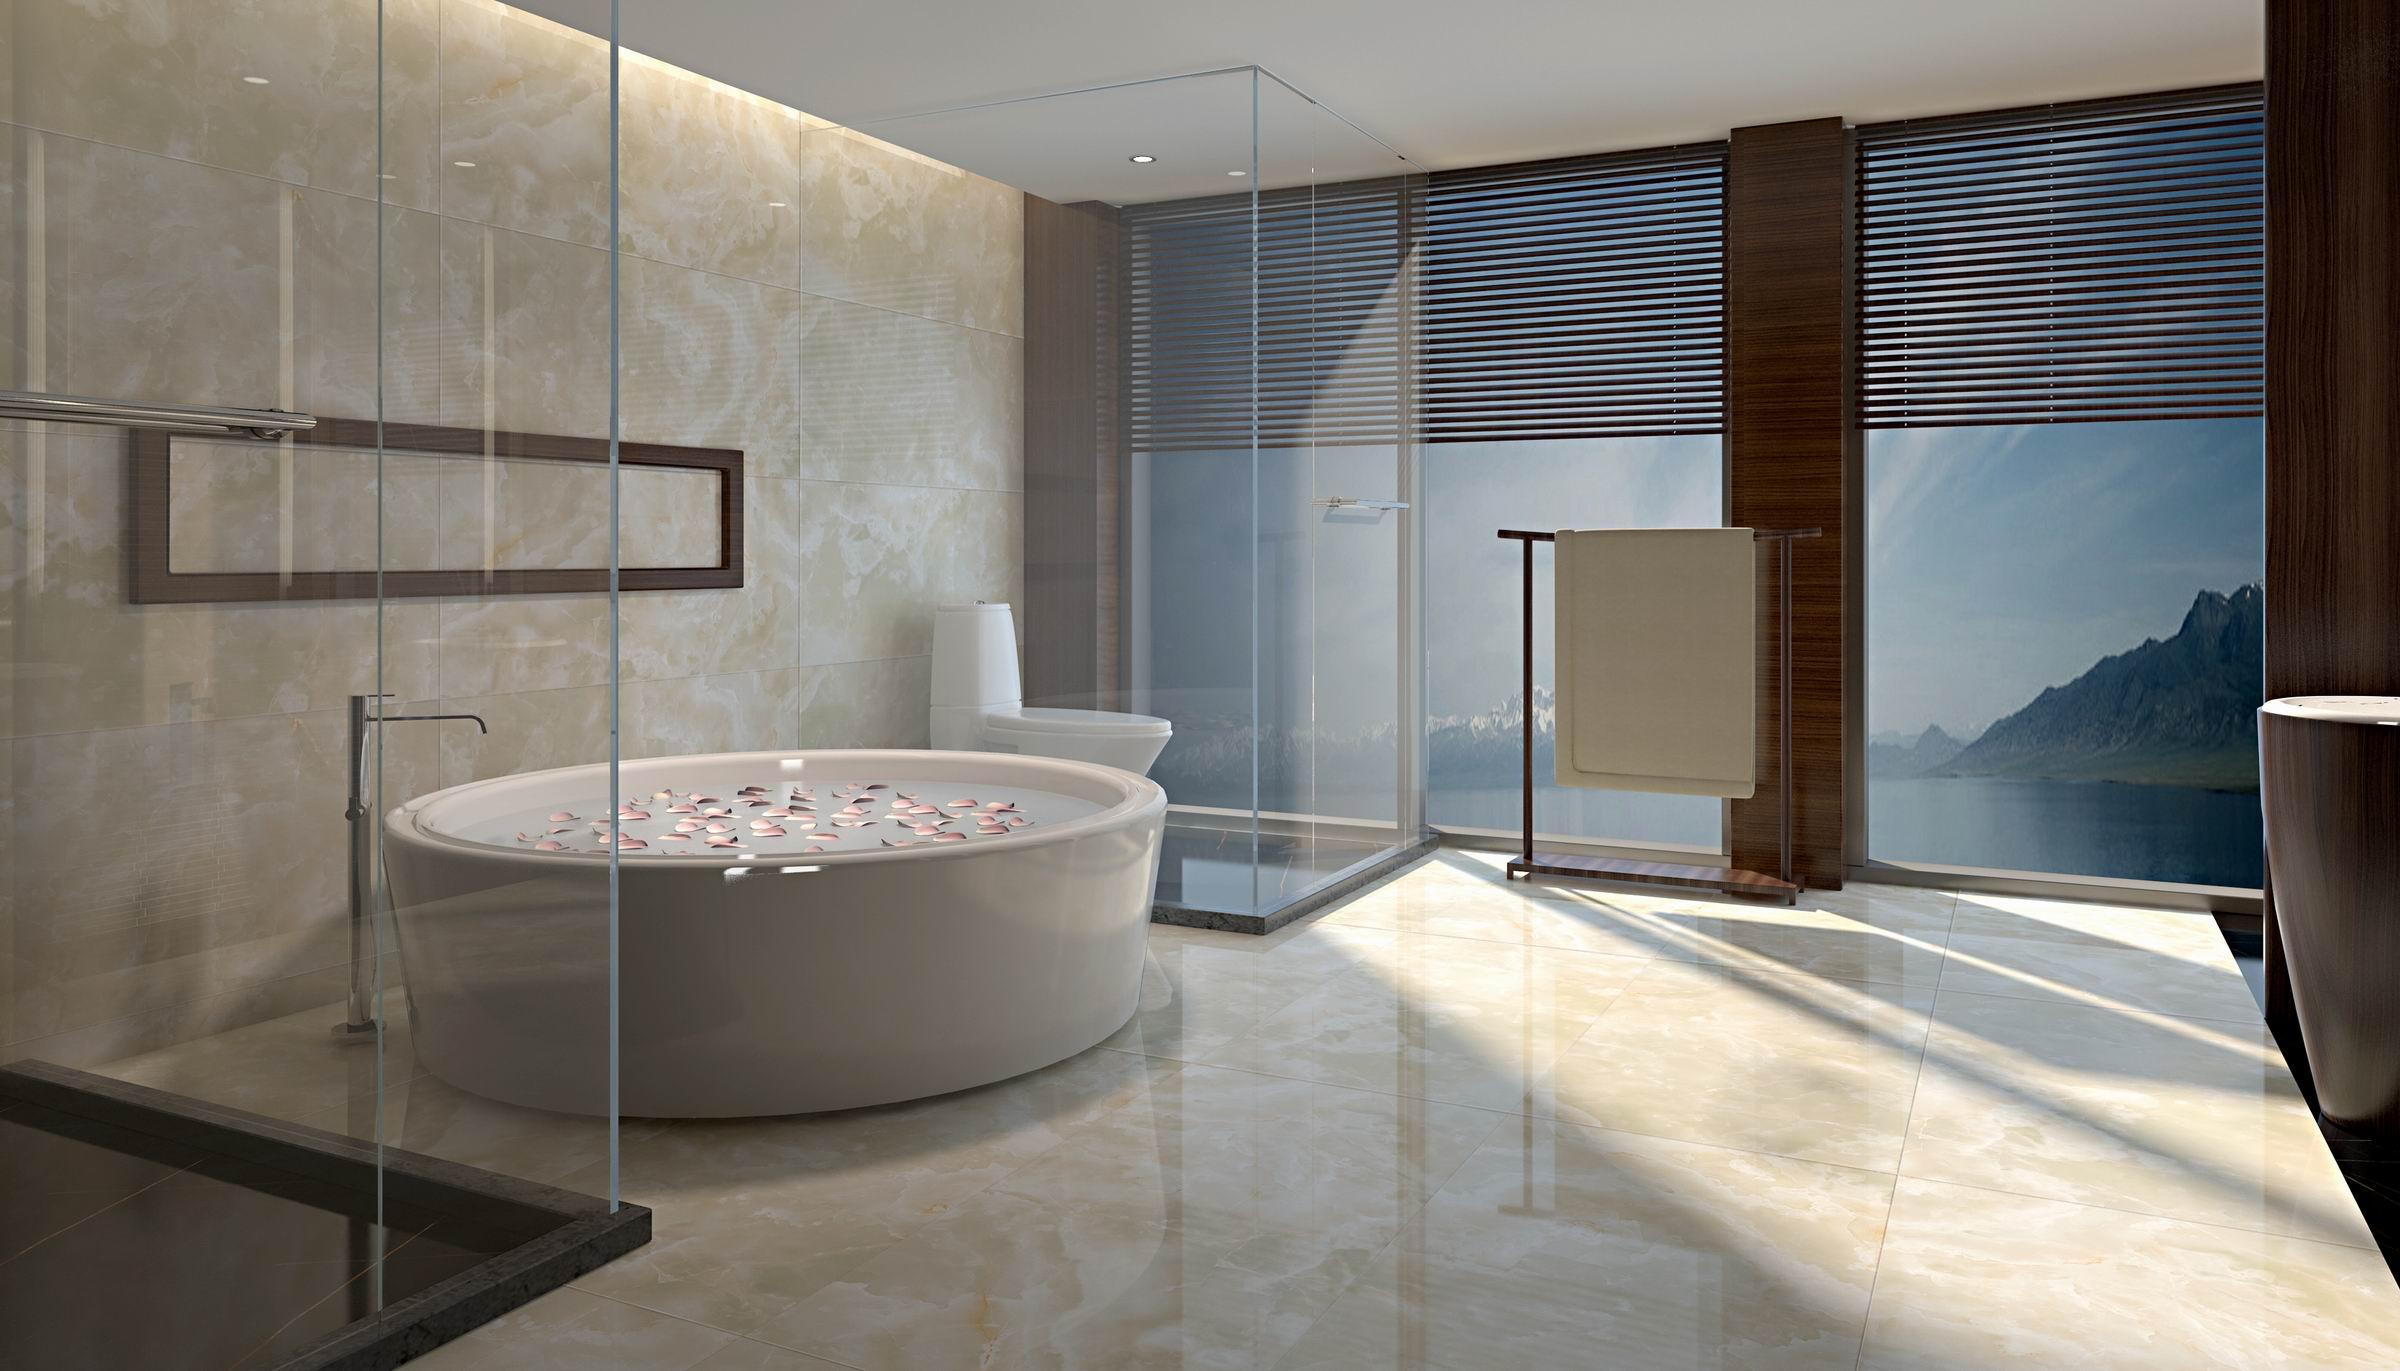 厕所 家居 设计 卫生间 卫生间装修 装修 2400_1371